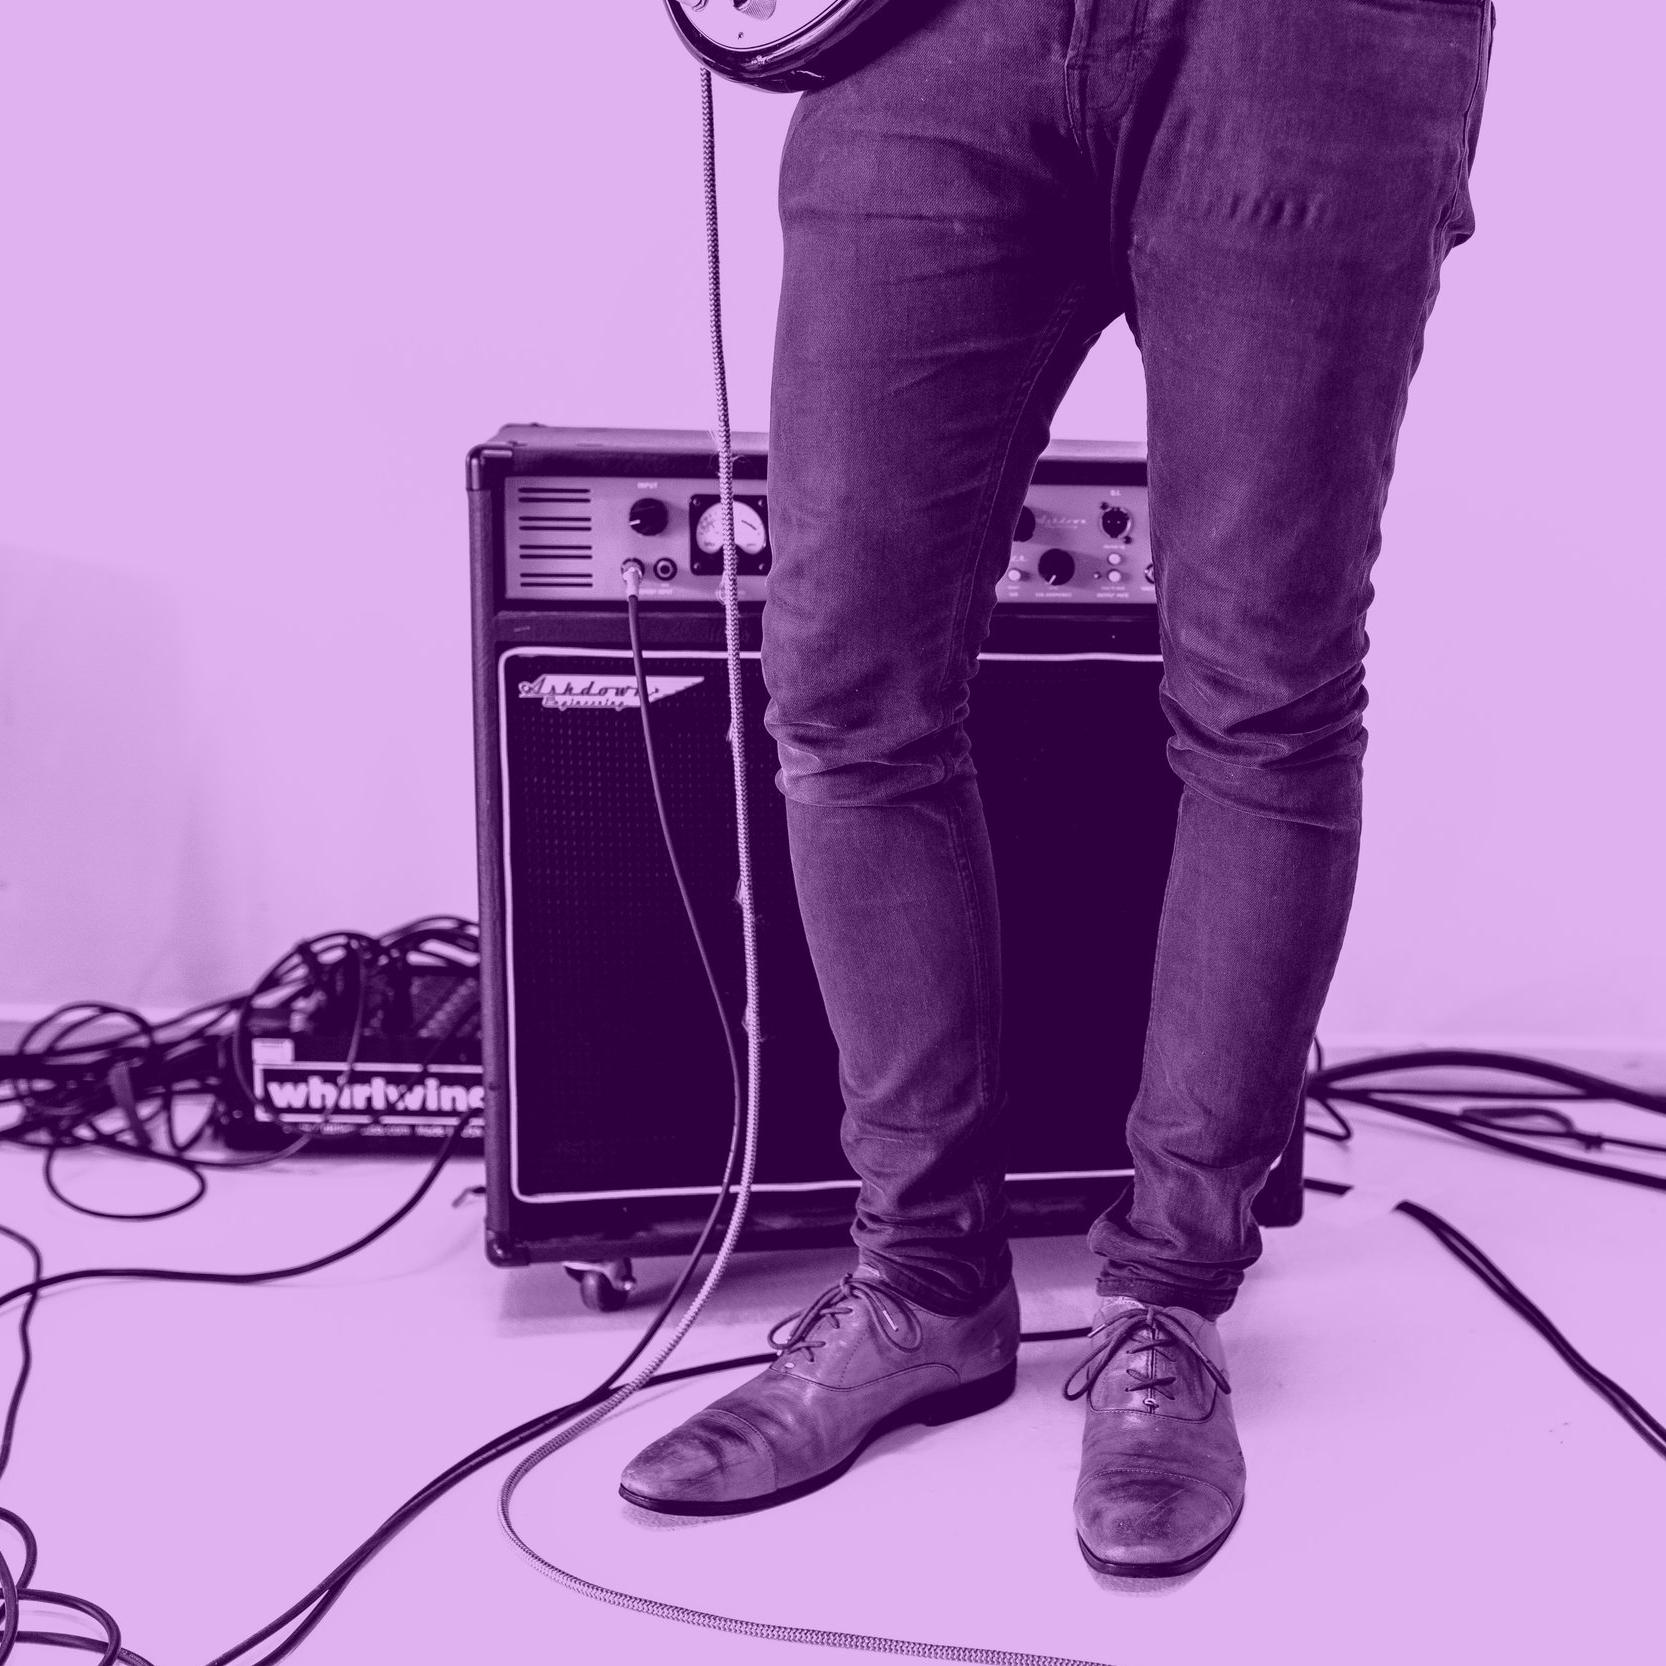 amp+feet+purple.jpg